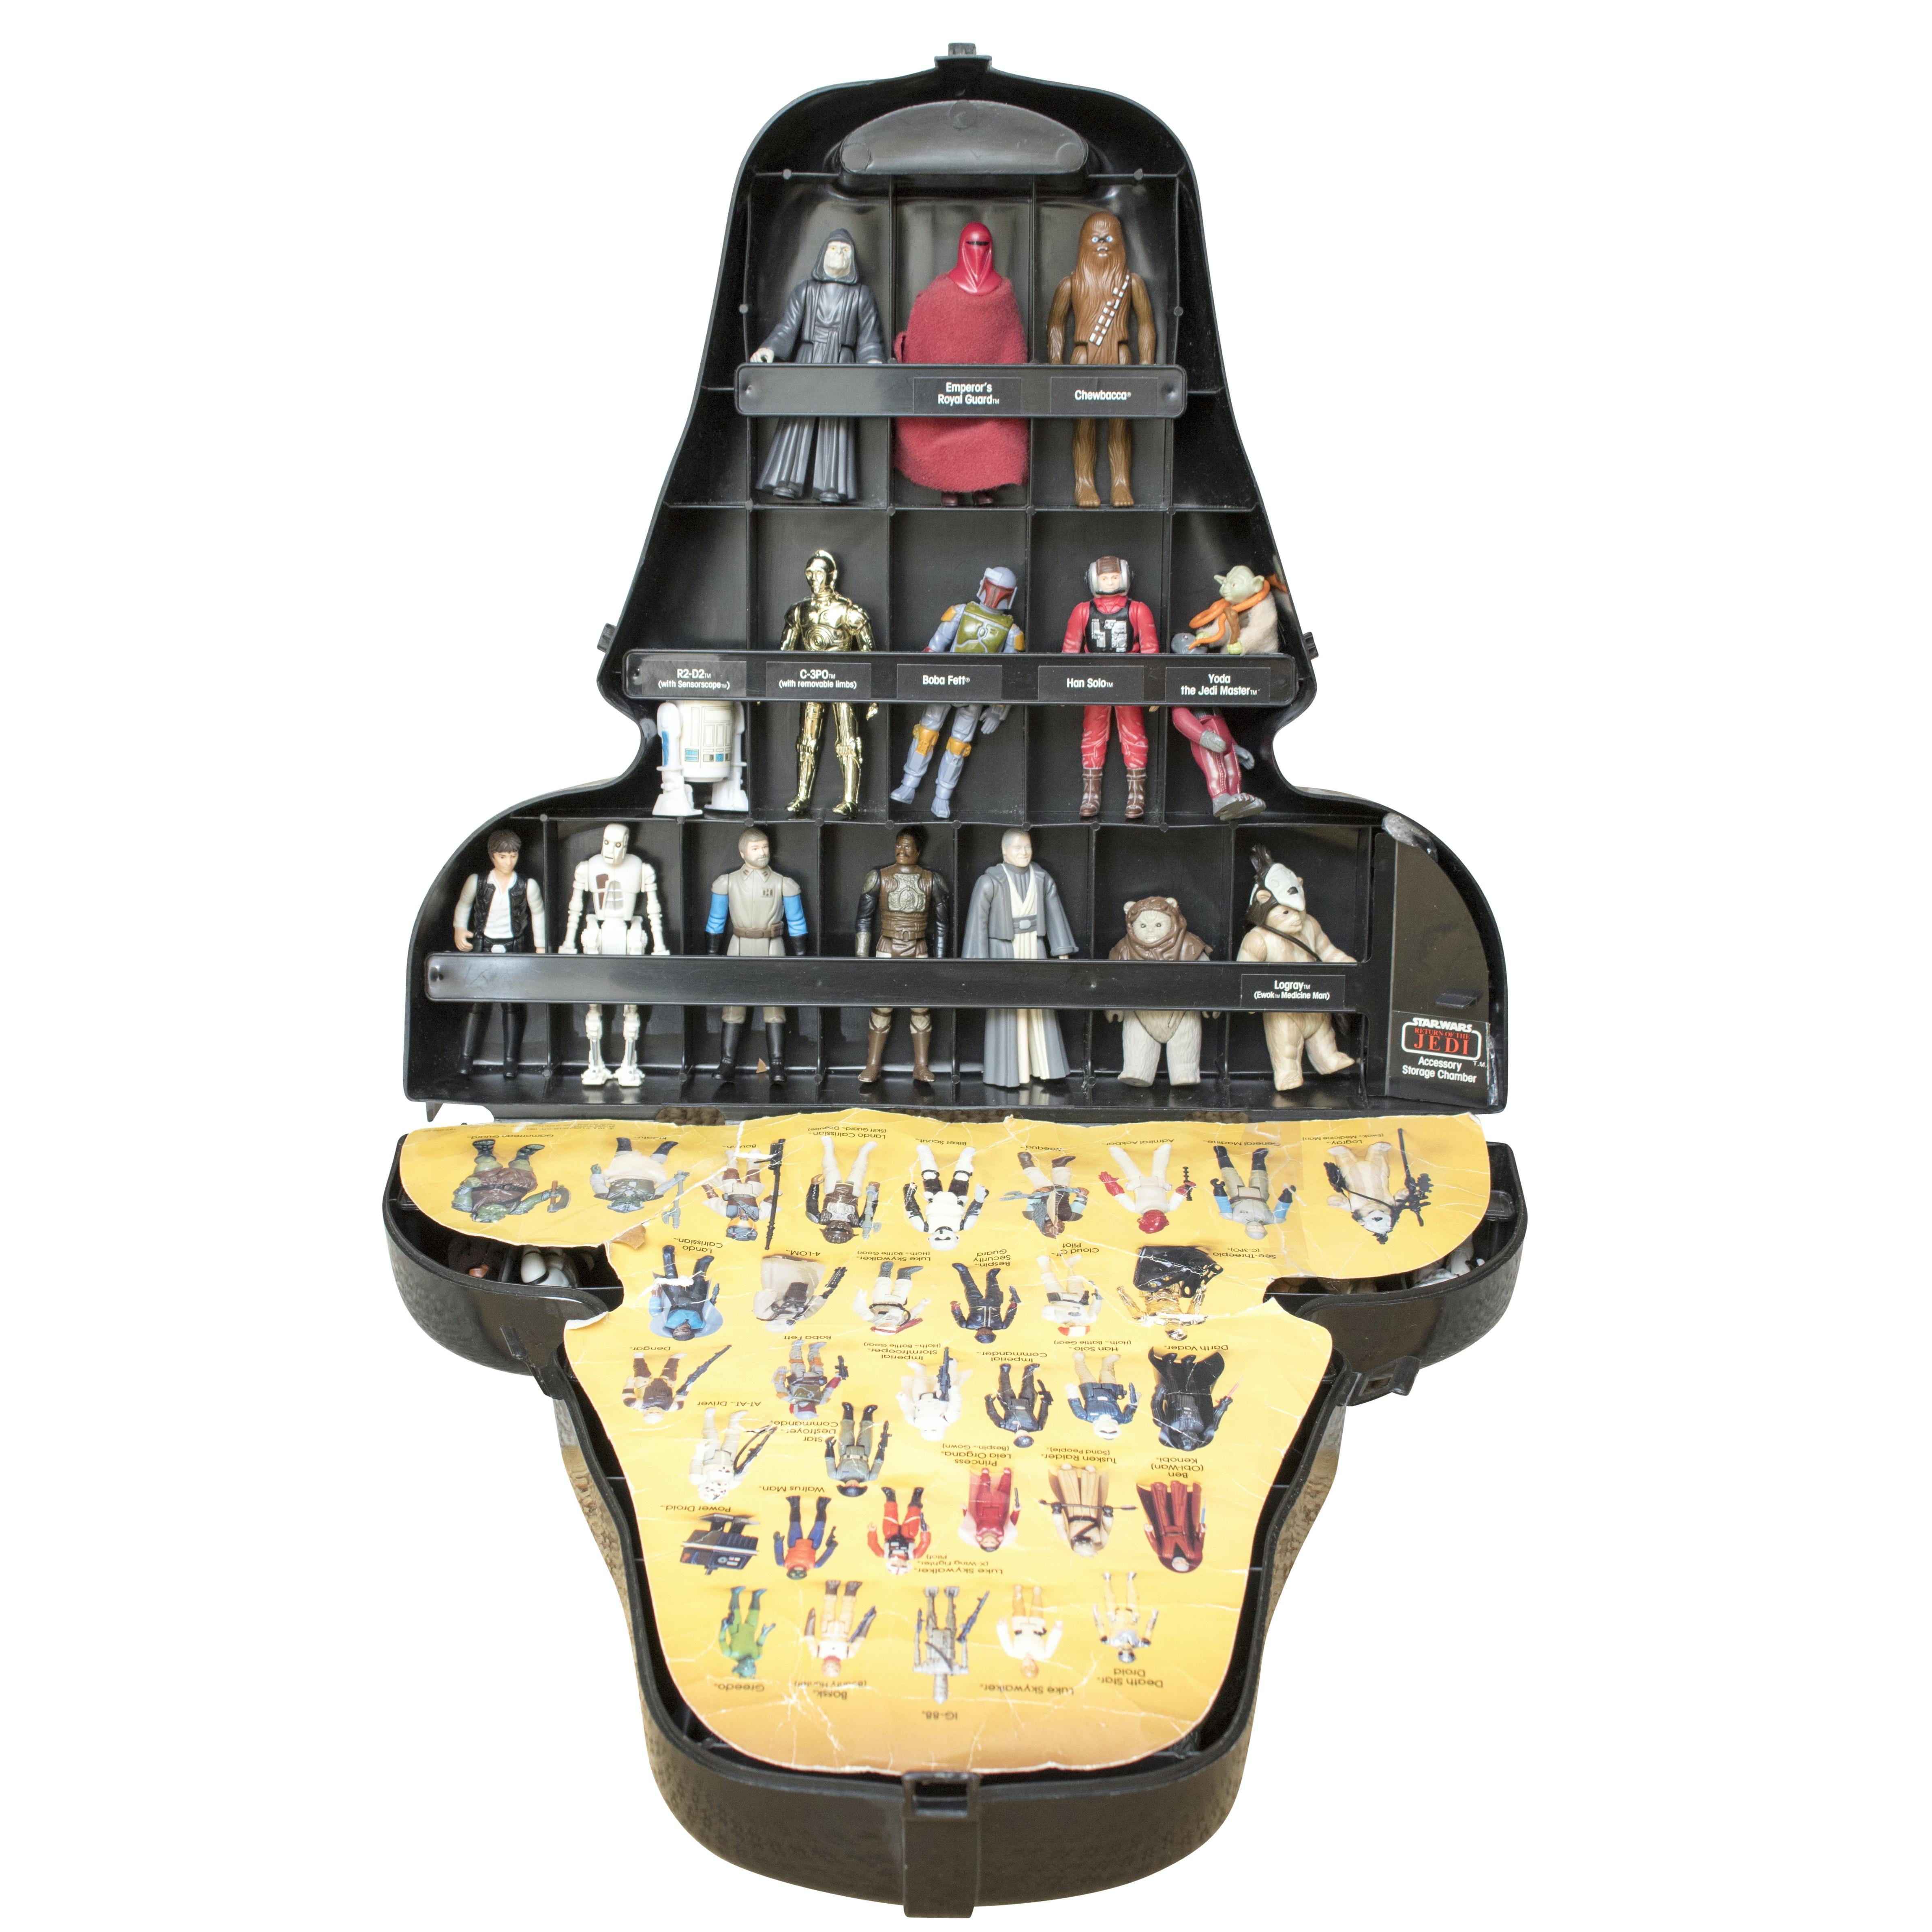 1970s-1980s Vintage Star Wars Figurines in Darth Vader Storage Case